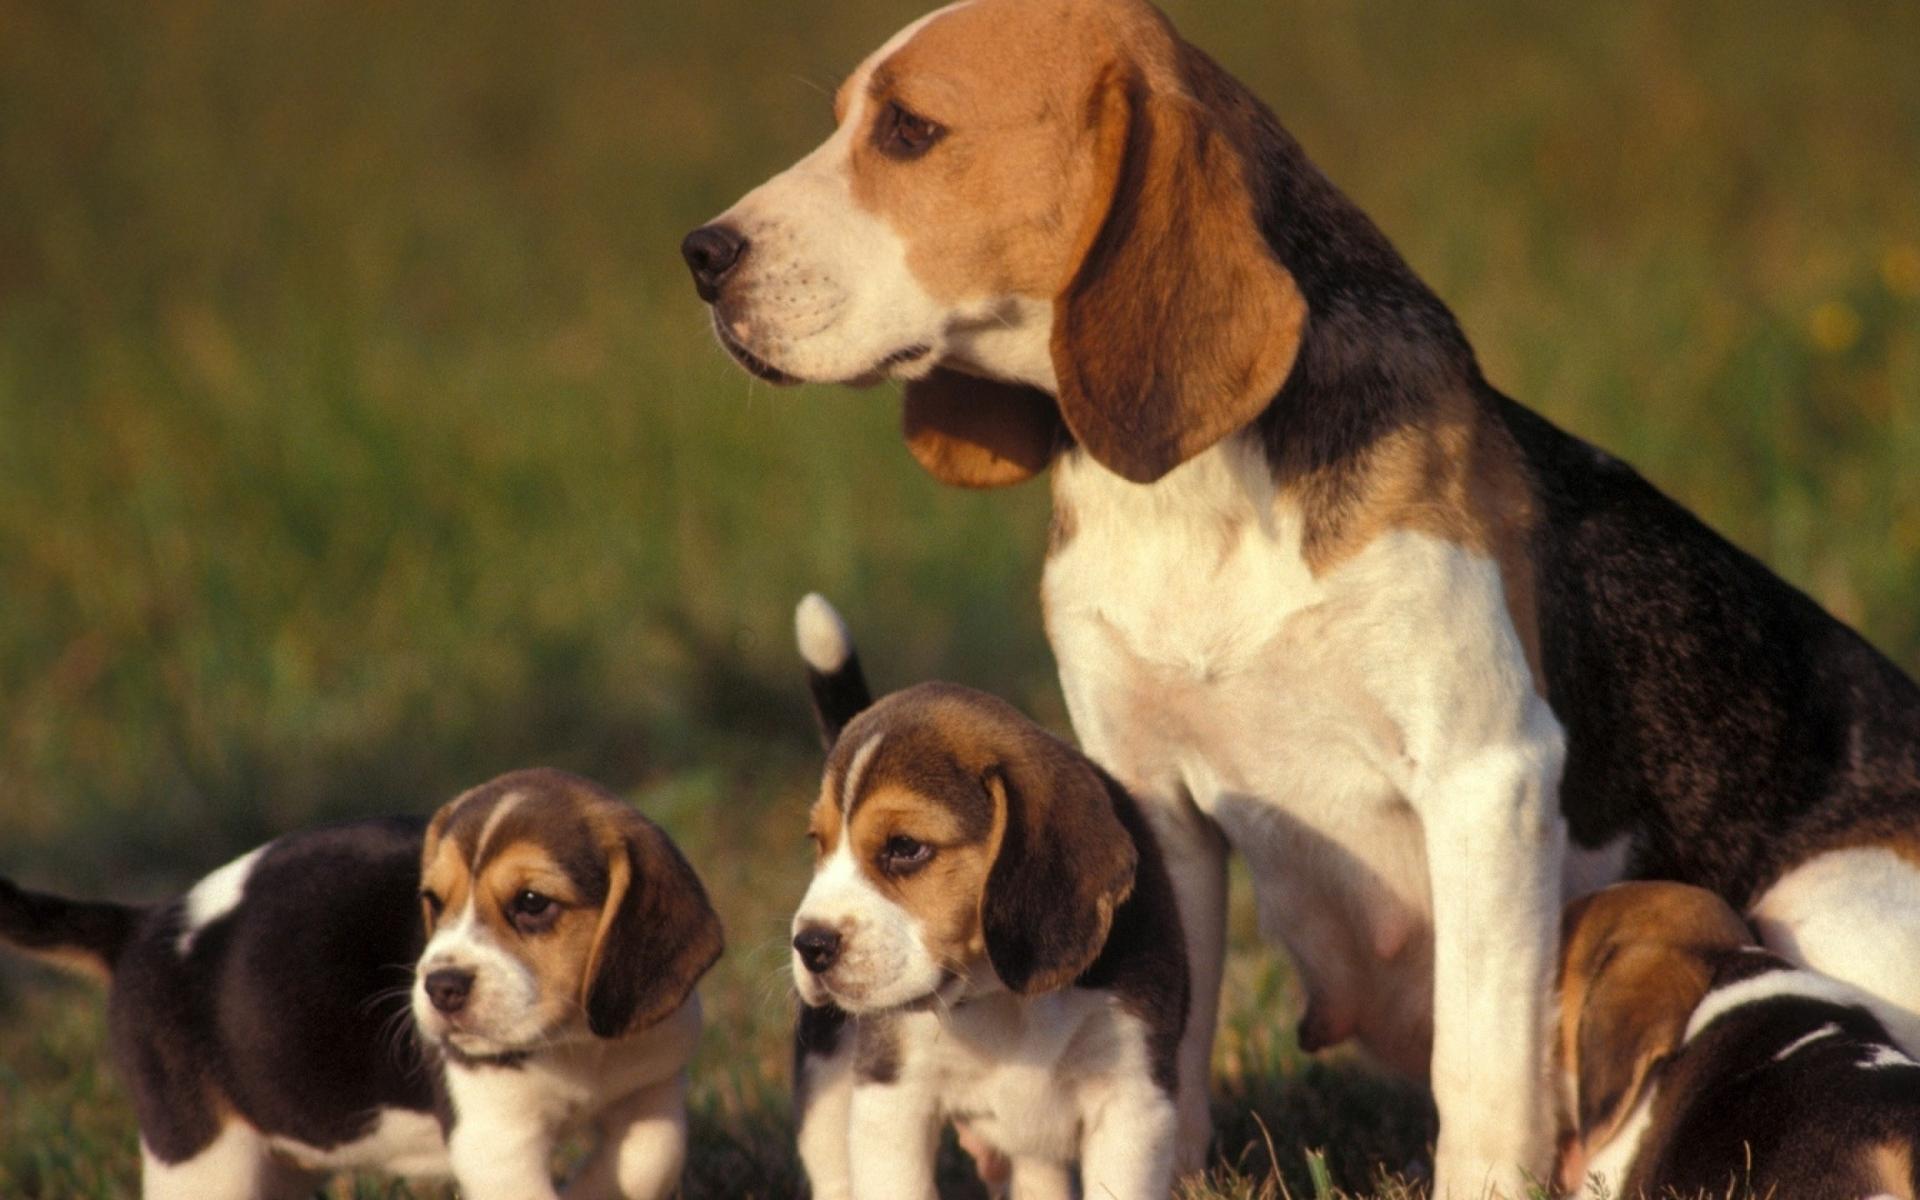 картинки щенков и собак бигля мебельную